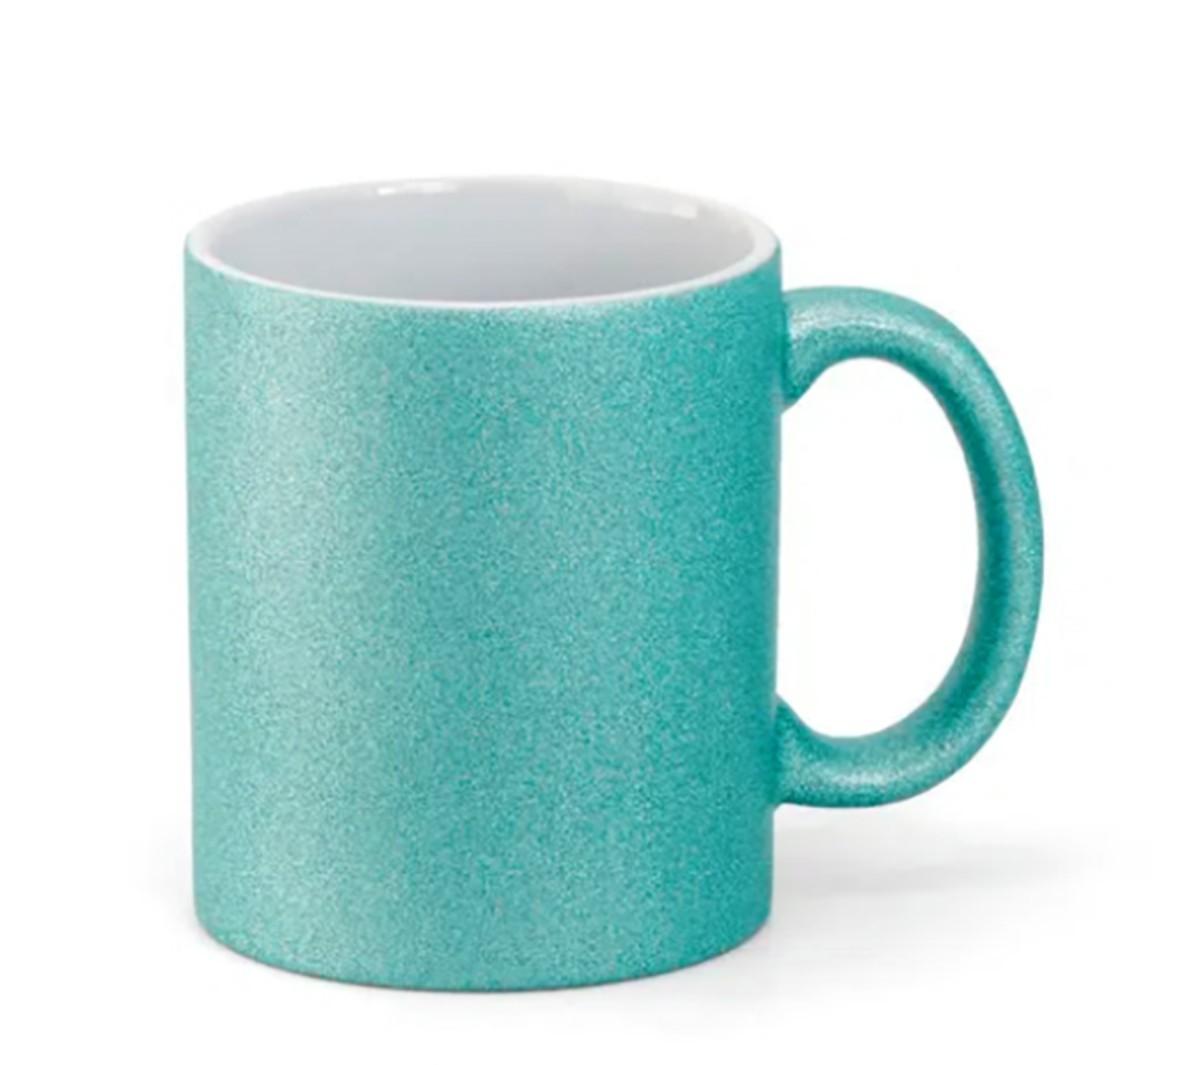 Caneca Glitter azul tiffany para Sublimação 300ml - Unidade  - ECONOMIZOU